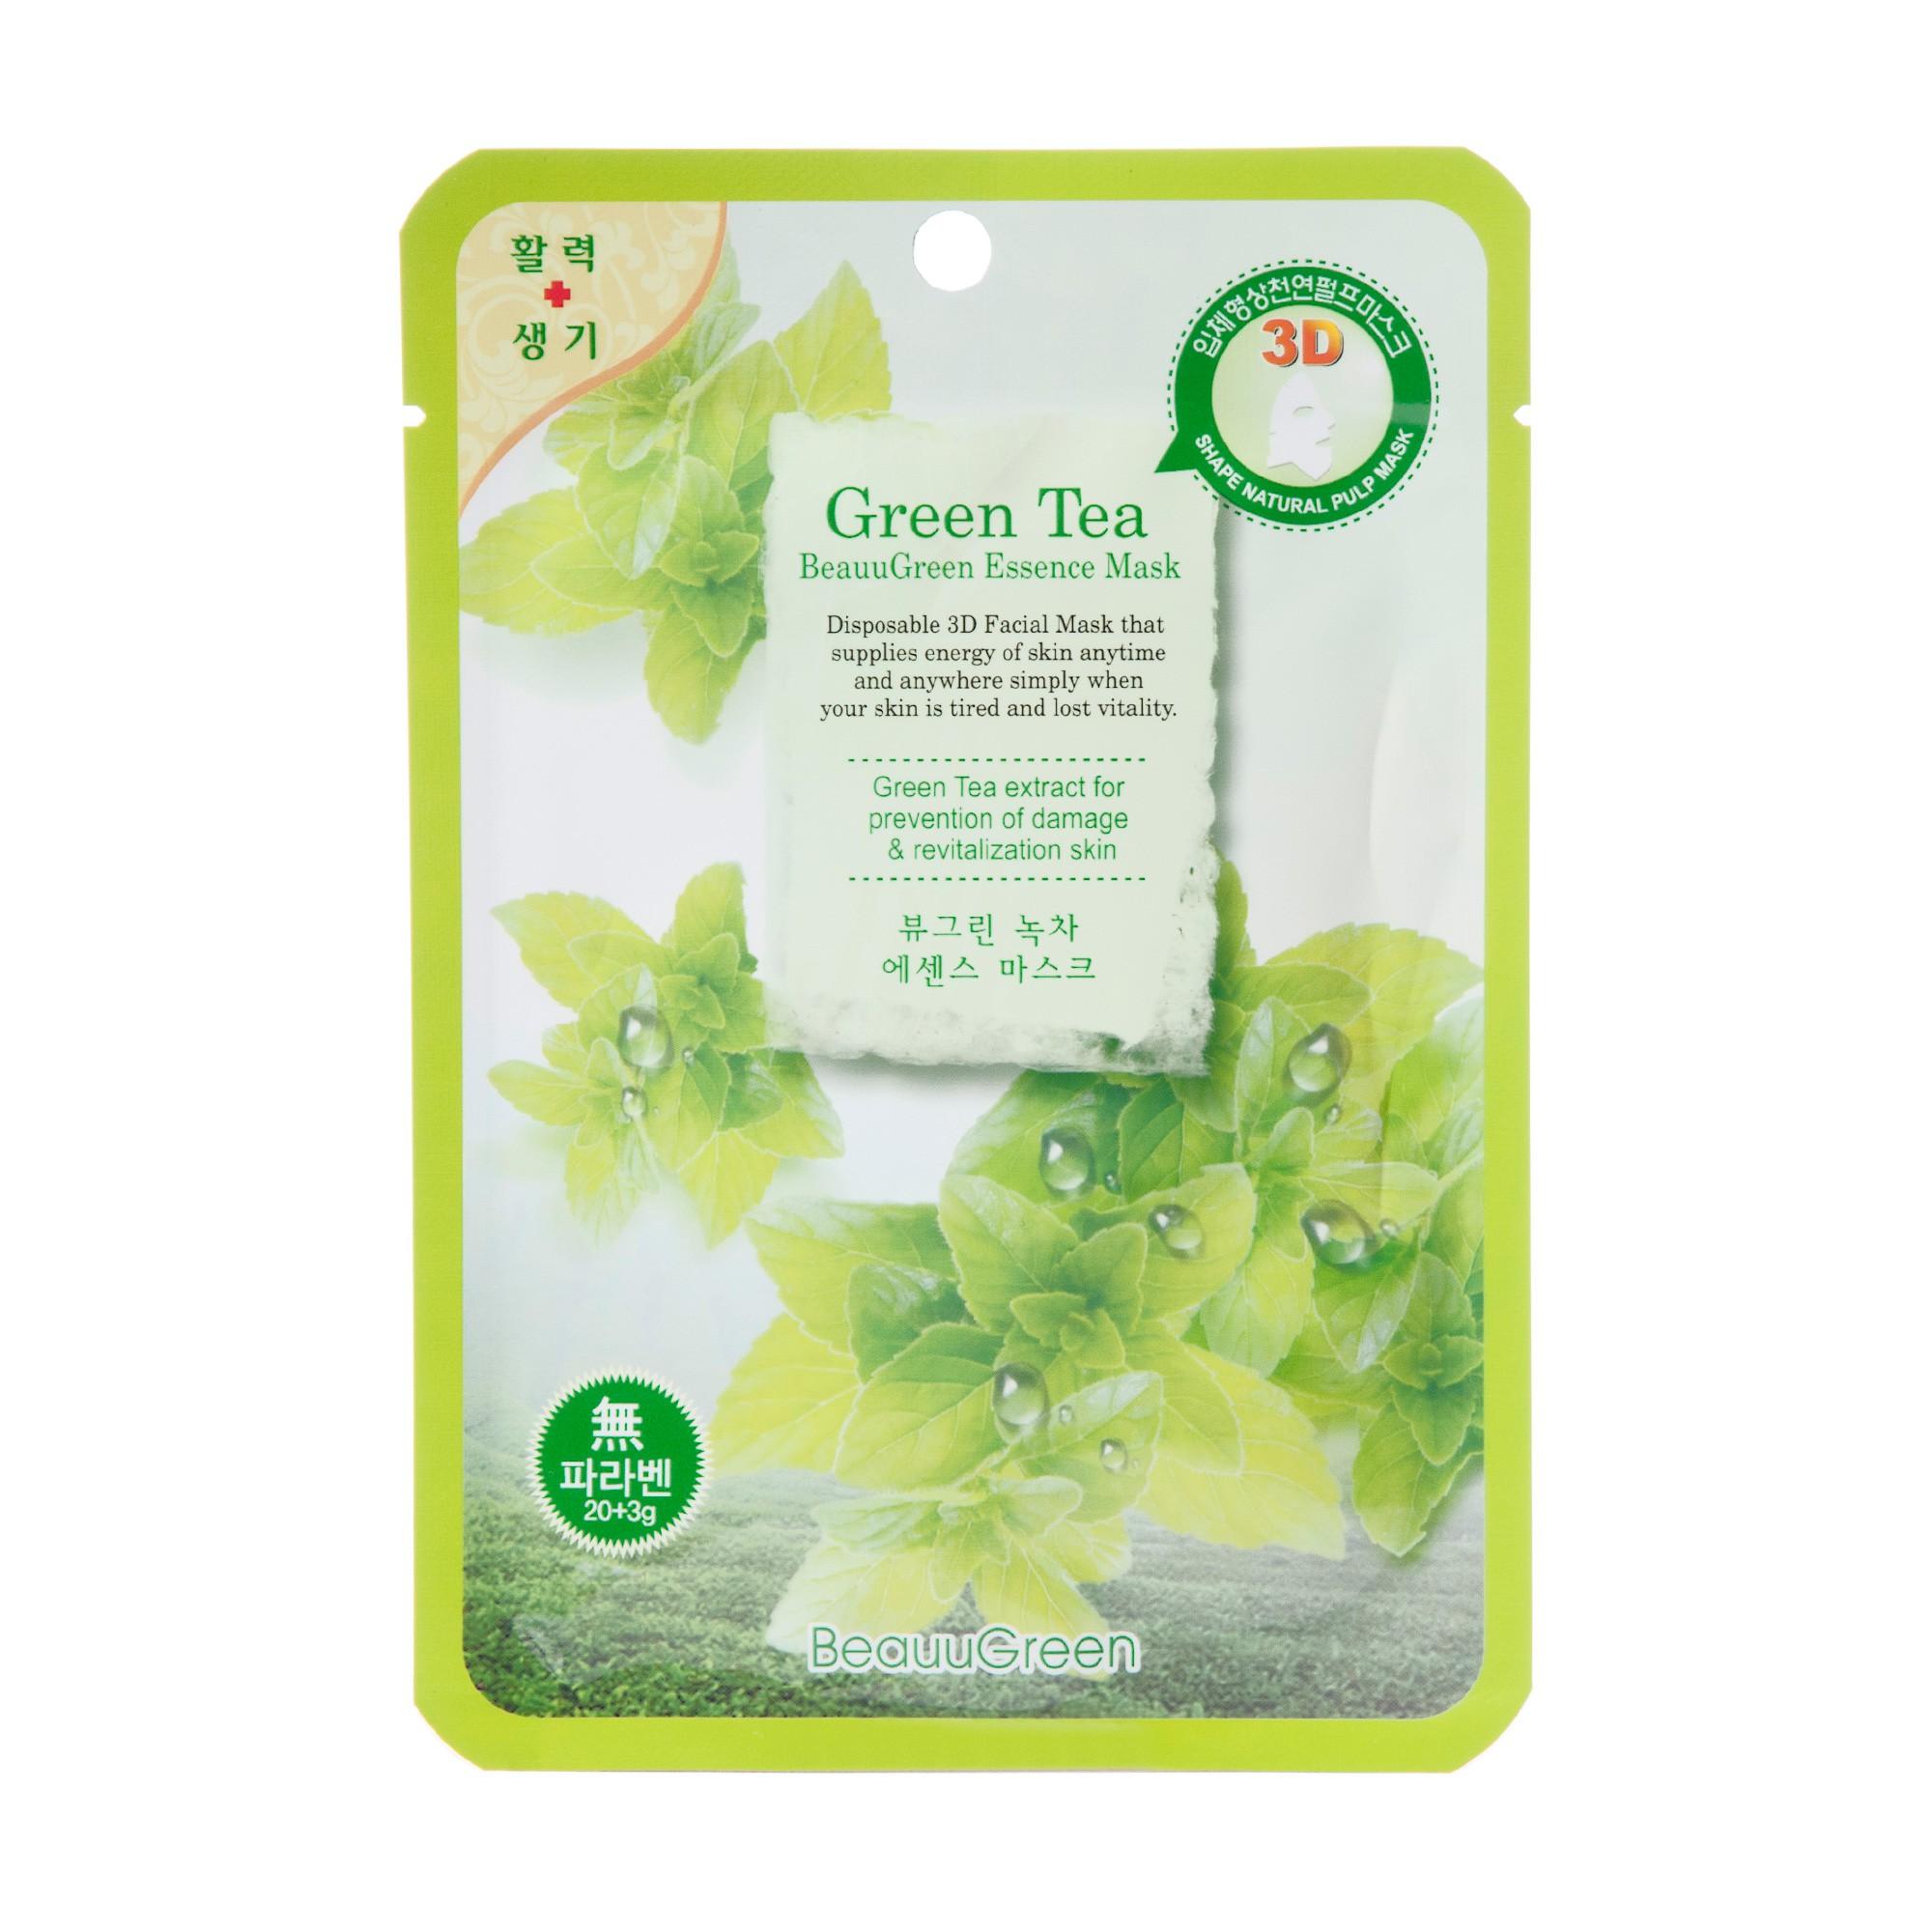 BEAUUGREEN Маска Зеленый чай / 3D 23грМаски<br>Маска для лица на основе биоцеллюлозы с экстрактом зеленого чая. Насыщает кожу влагой, снимает оксидативный стресс, а так же оказывает противовоспалительное и себорегулирующее действие. Подходит для кожи любого возраста. Активные ингредиенты: биофлавоноиды зеленого чая, натуральный сок алоэ. Способ применения: извлечь маску из саше, равномерно распределить на лице, выдержать экспозицию 20минут. Основу маски снять, остаткам концентрата дать впитаться, при необходимости нанести крем.<br>